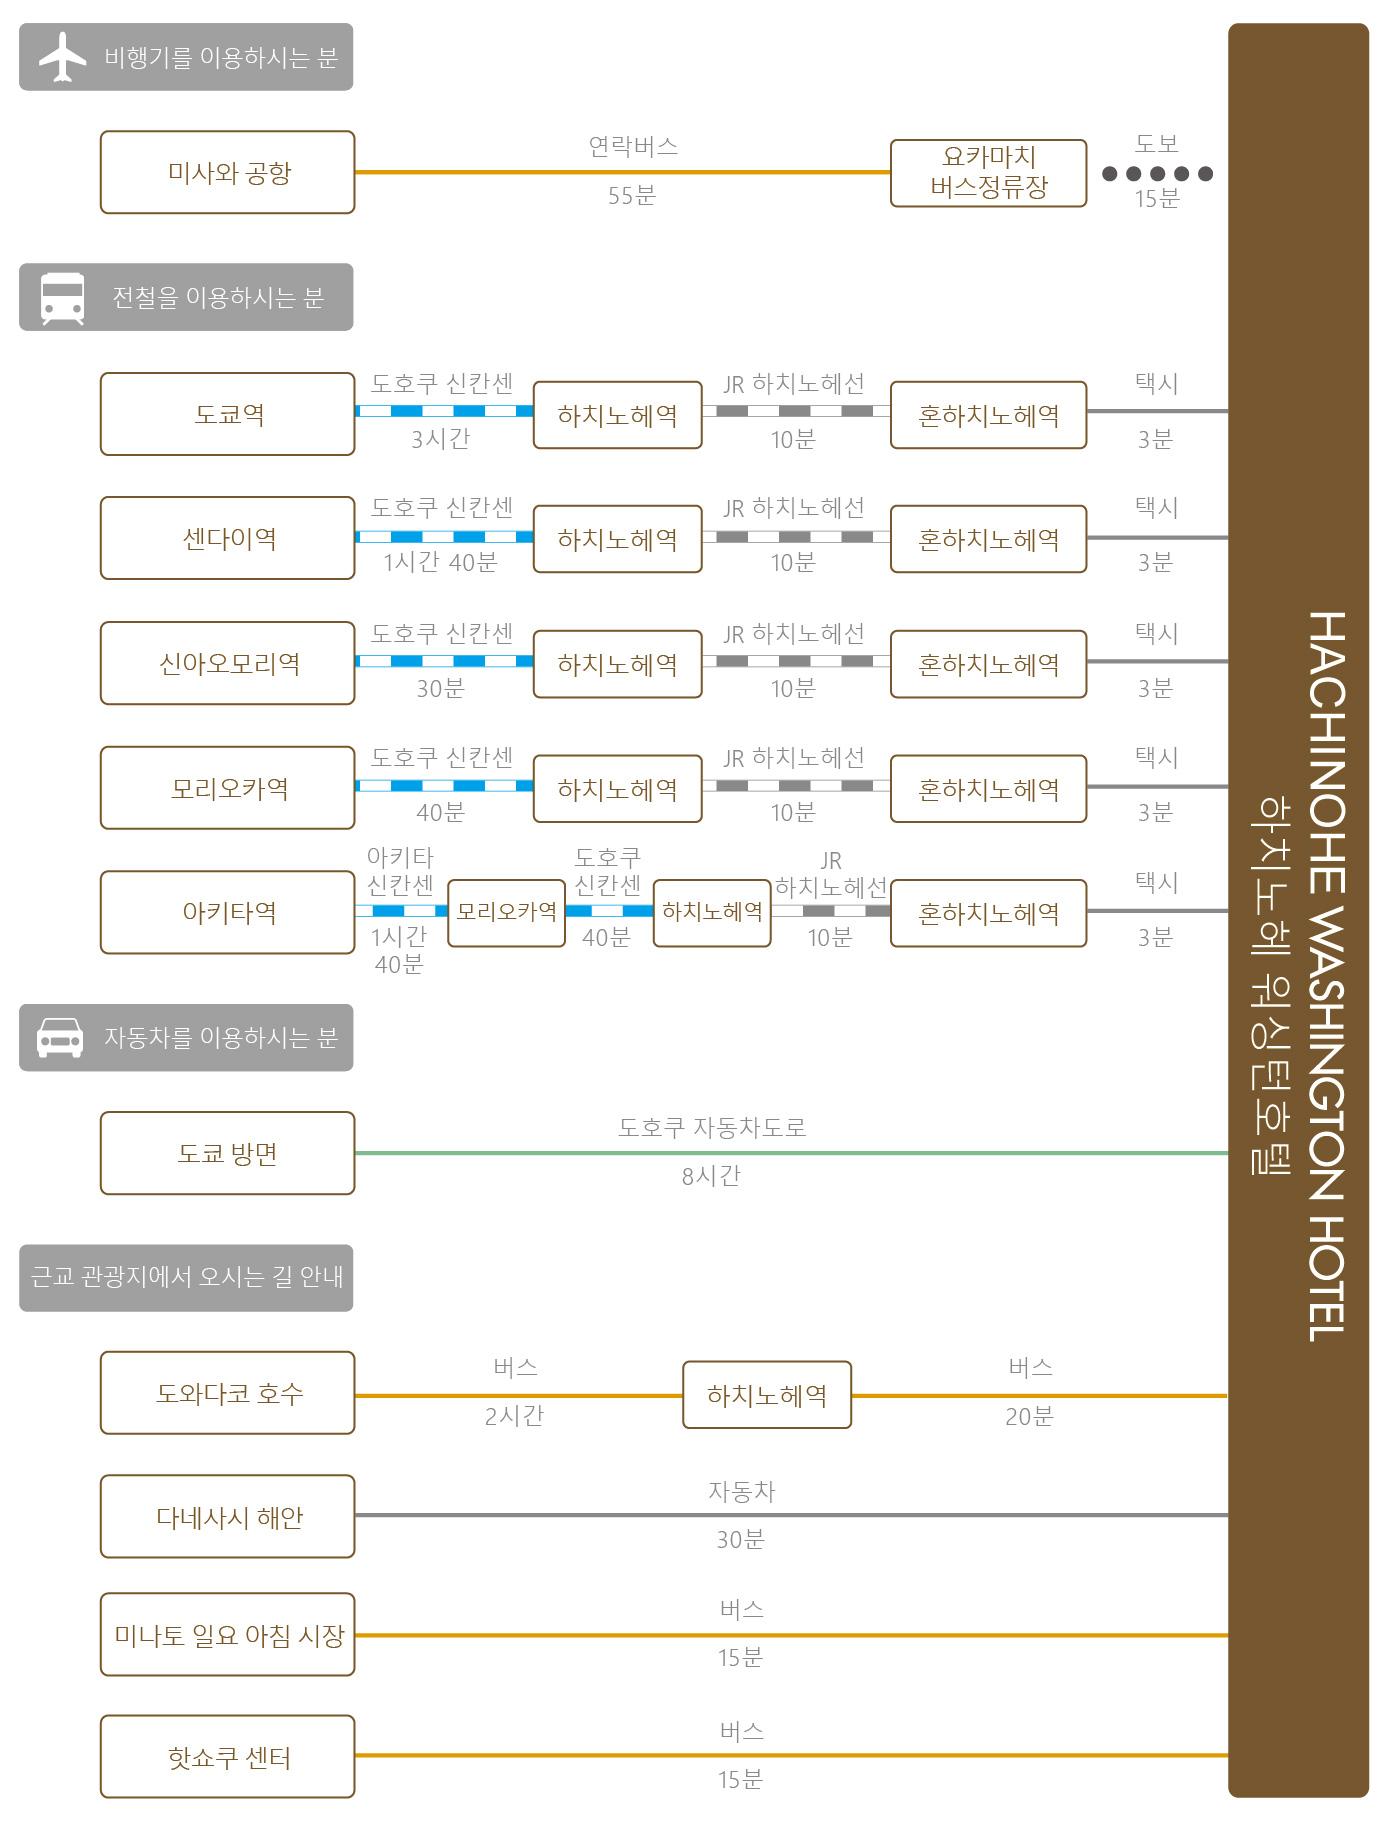 chart_kor_hachinohe_wh